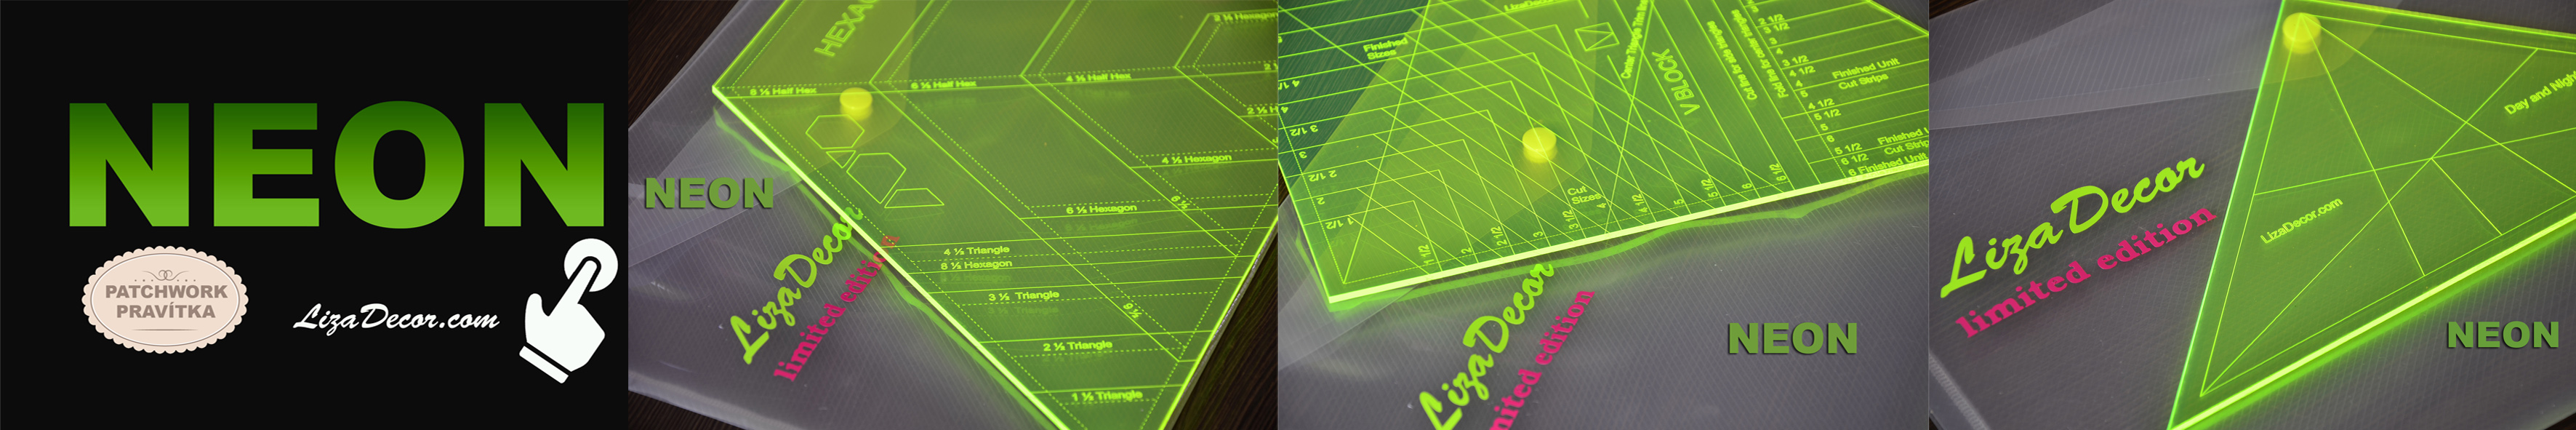 Neon edice patchworková pravítka